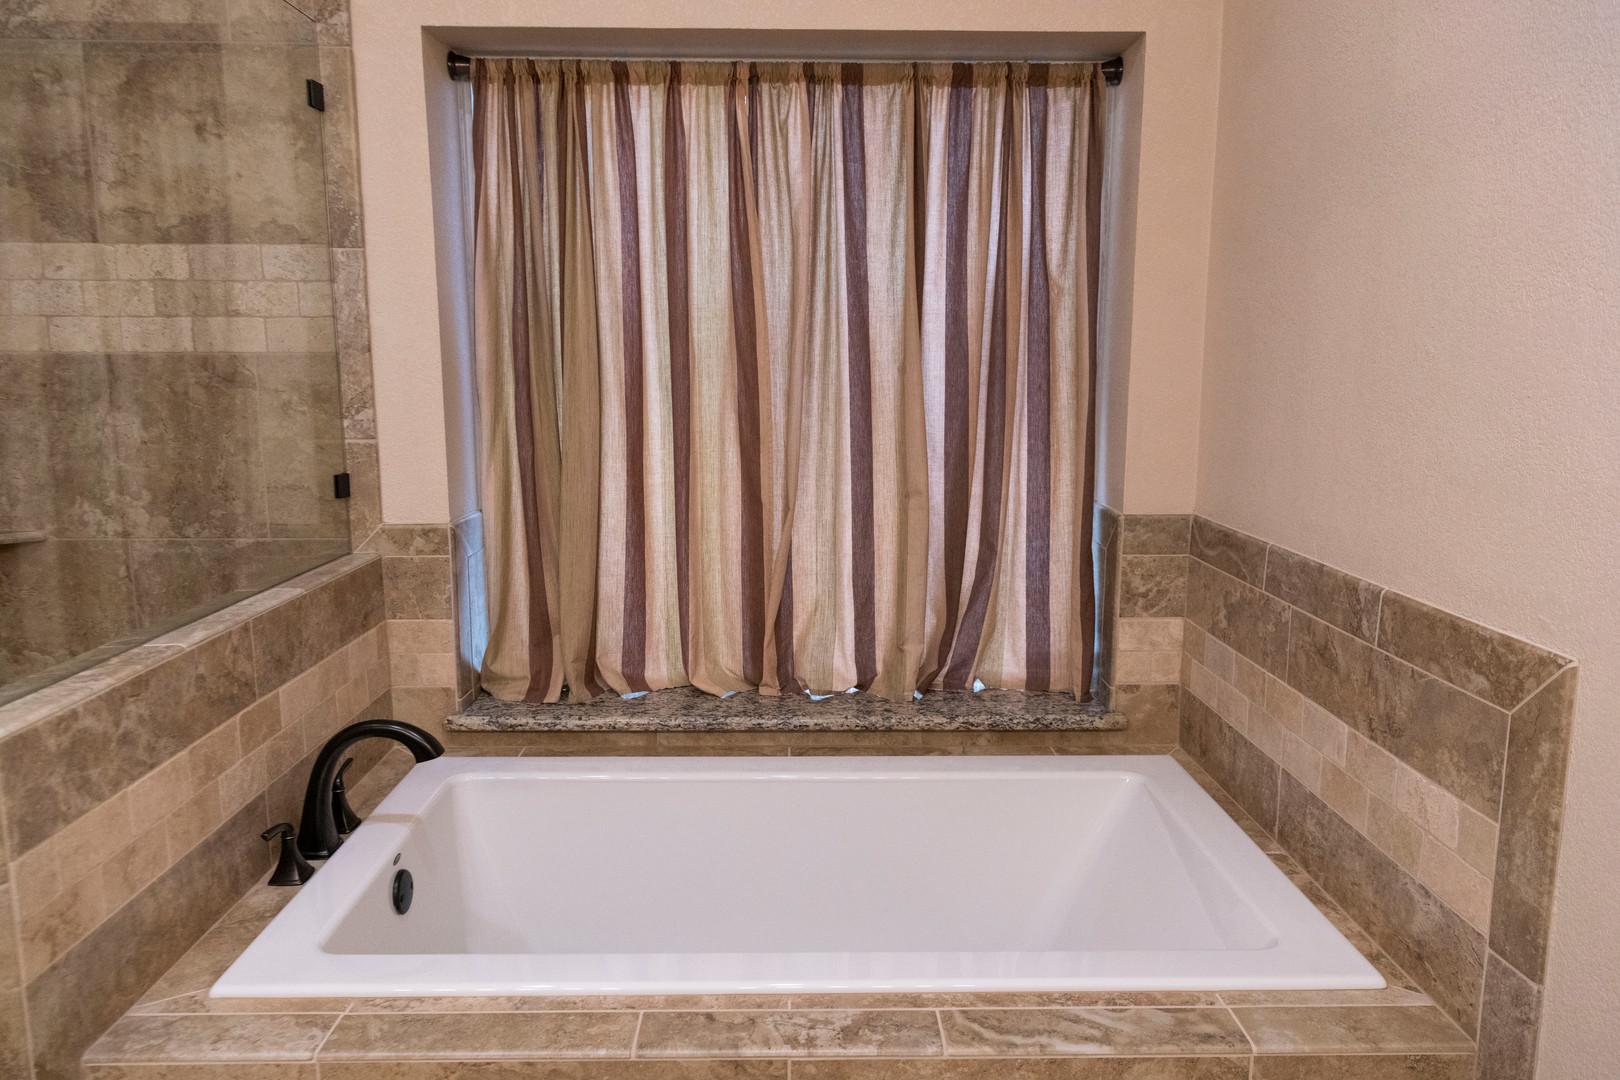 Remodel Bathtub